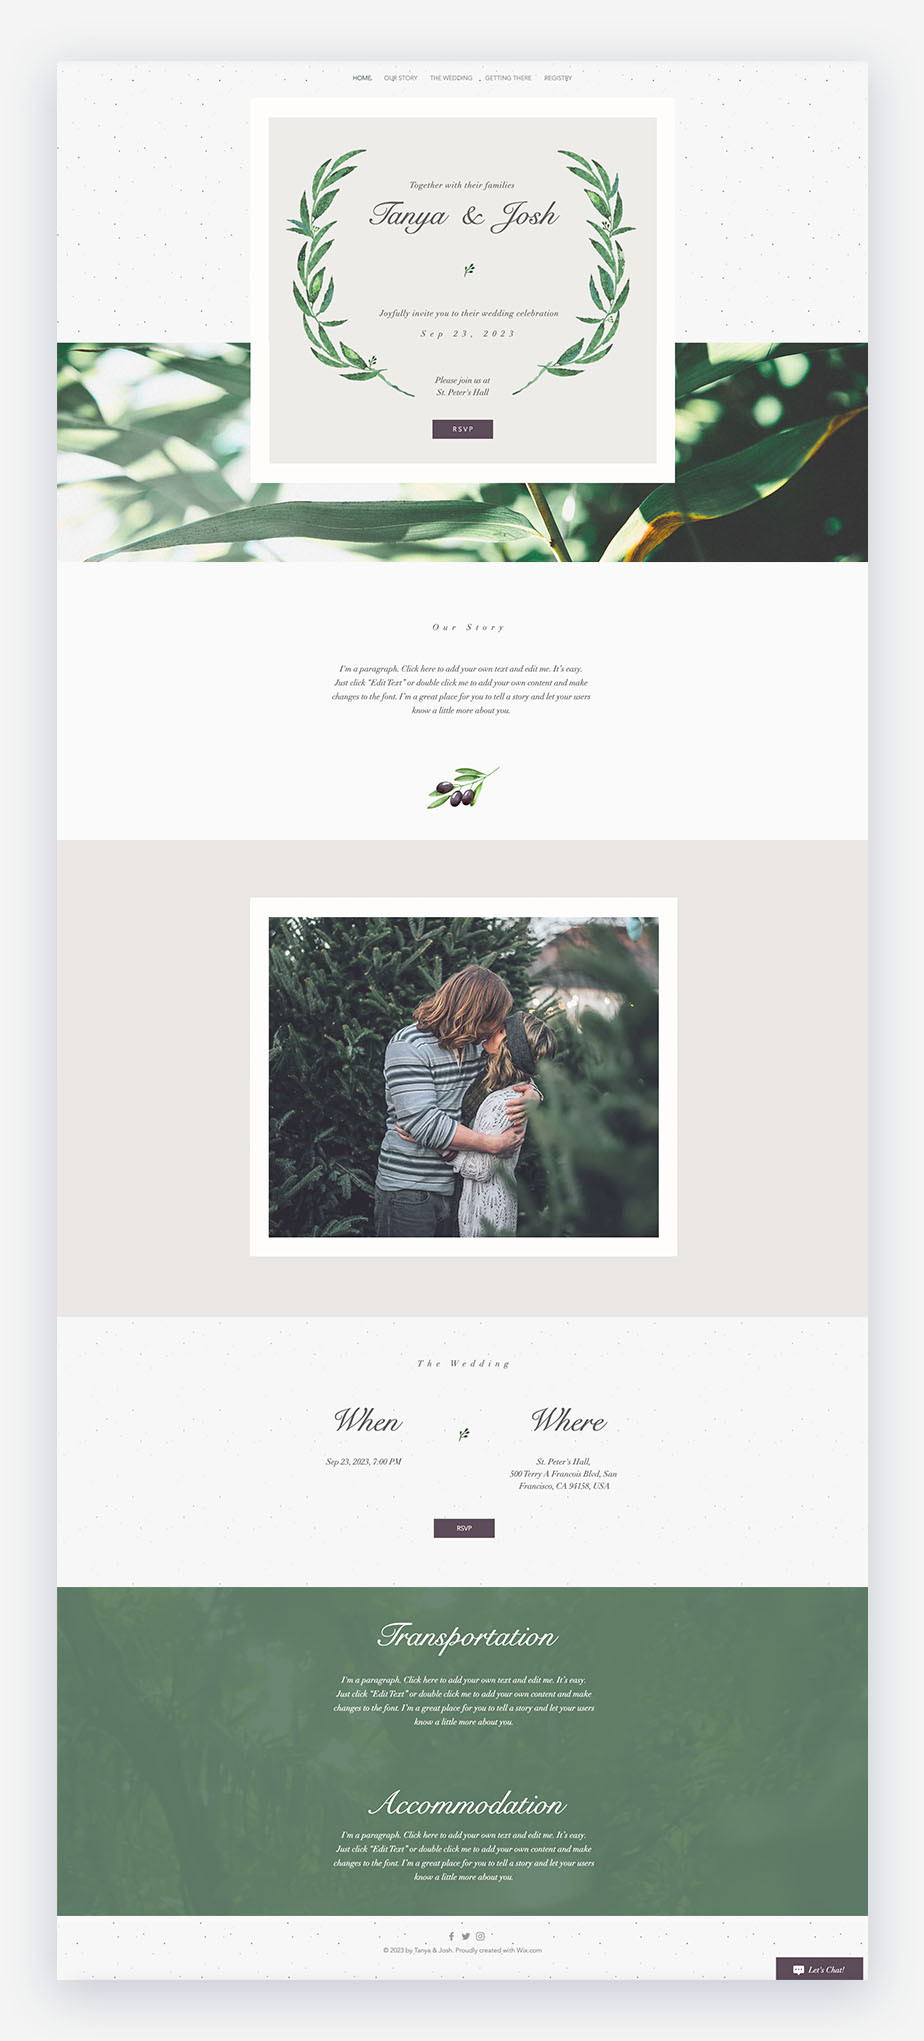 Elegante modello di invito a nozze con un sacco di colori verdi e foglie